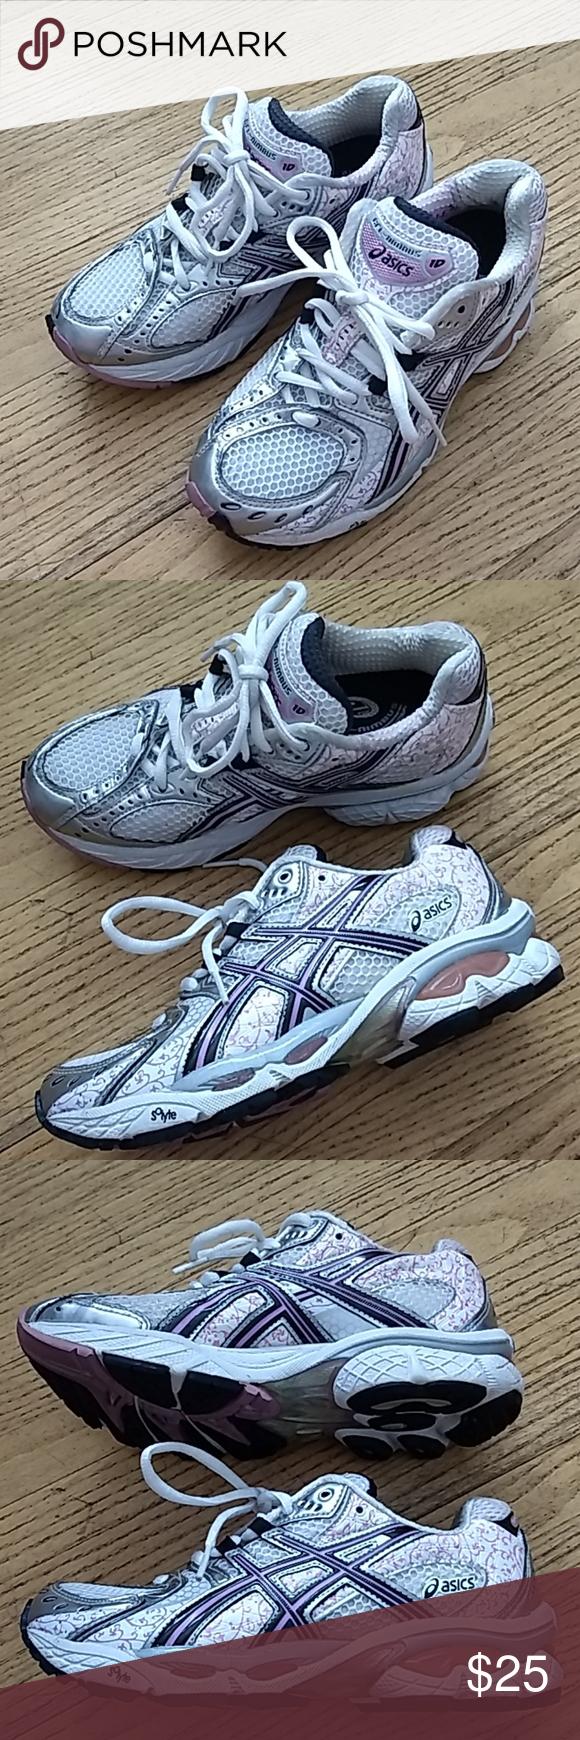 Asics gel-nimbus running shoes girls